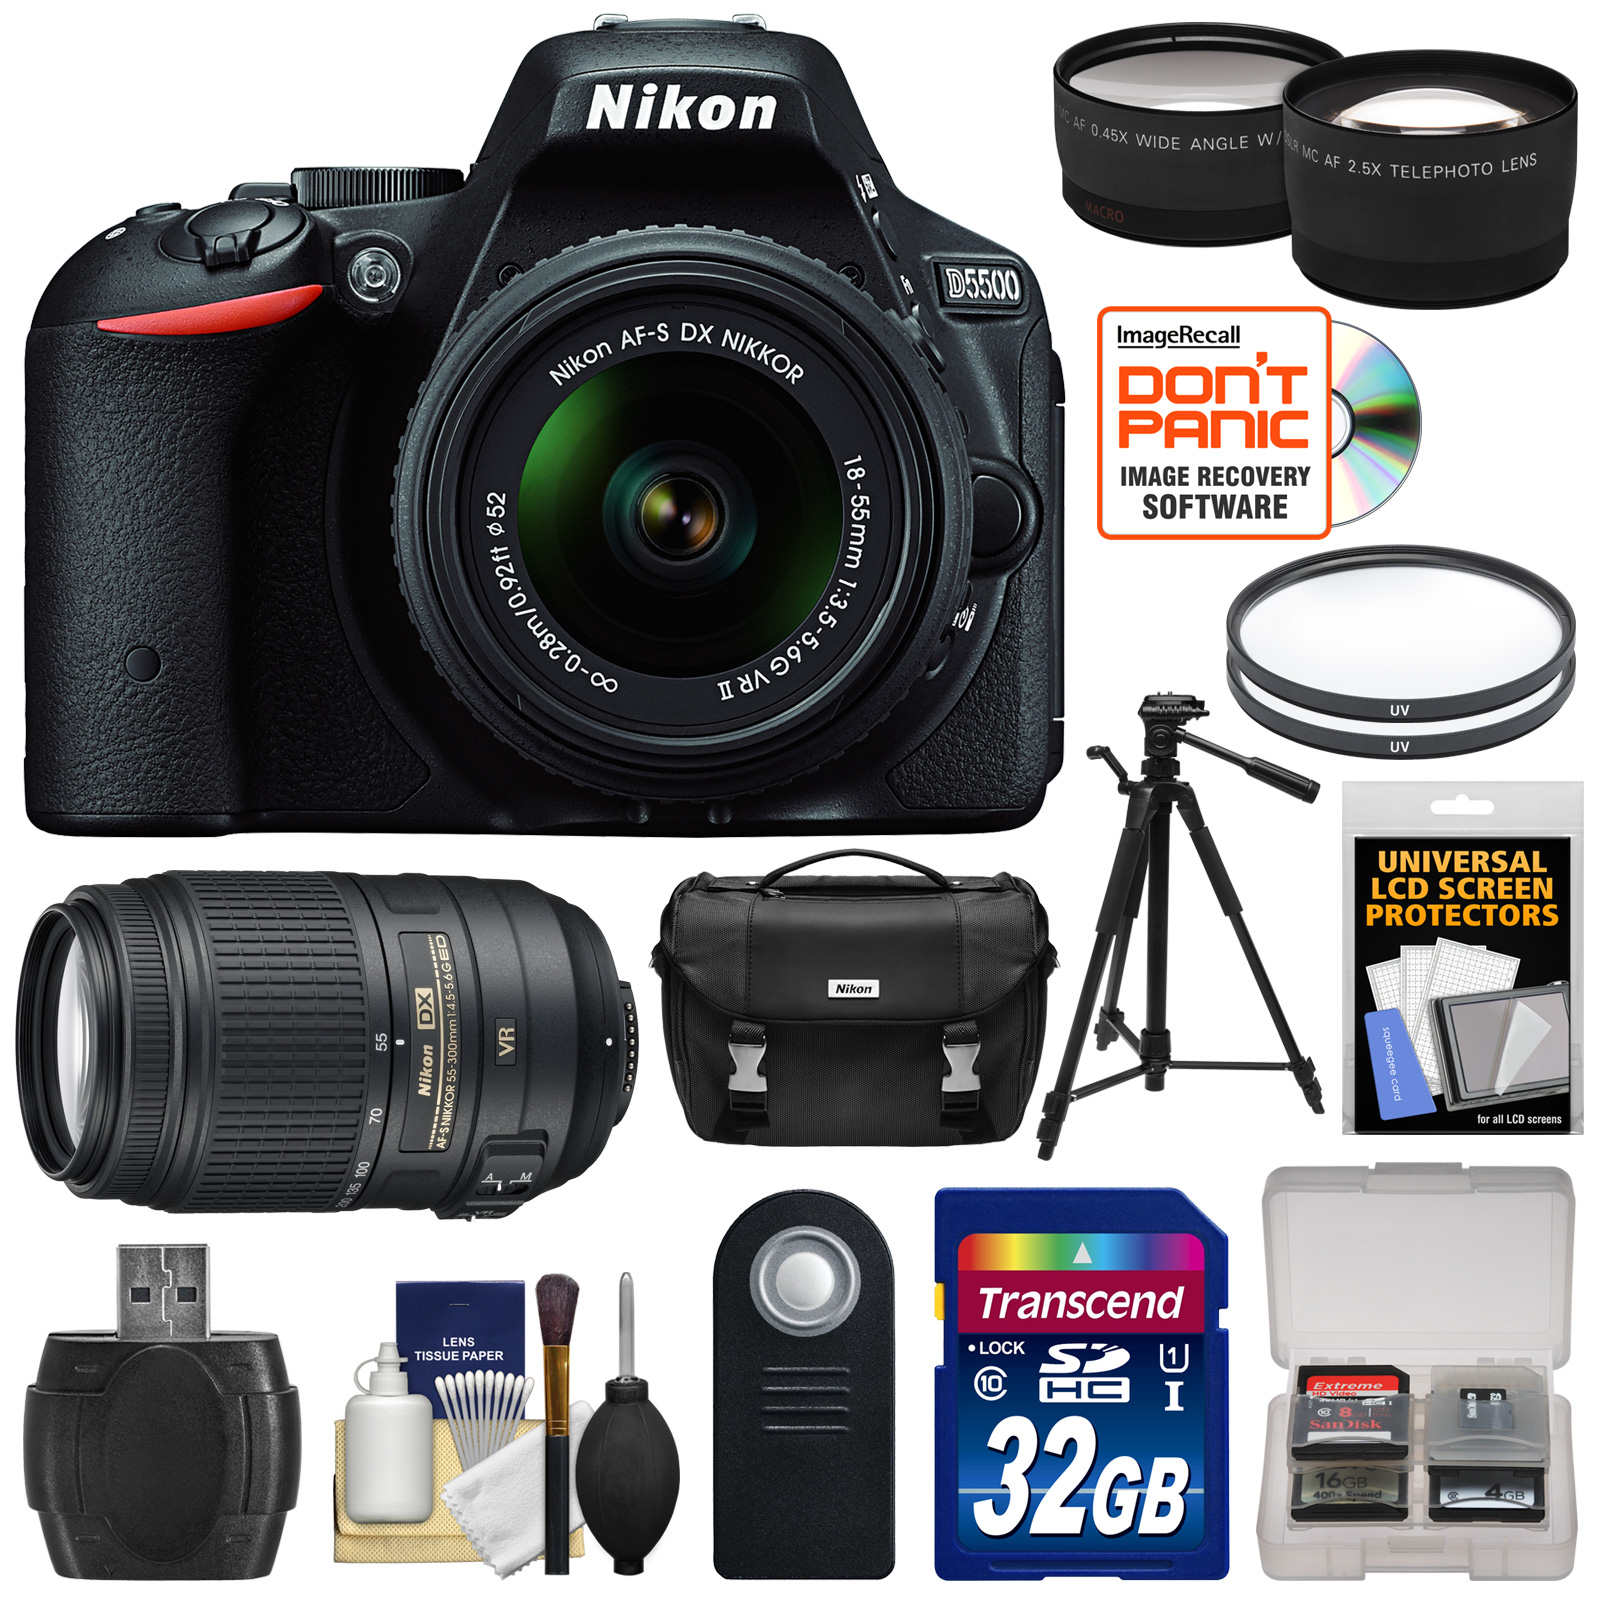 Nikon D5500 Wi-Fi Digital SLR Camera & 18-55mm VR DX Lens (Black) - Factory Refurbished with 55-300mm VR Lens + 32GB Card + Case + Filters + Tripod + Tele/Wide Lens Kit 1546B-89935-Kit